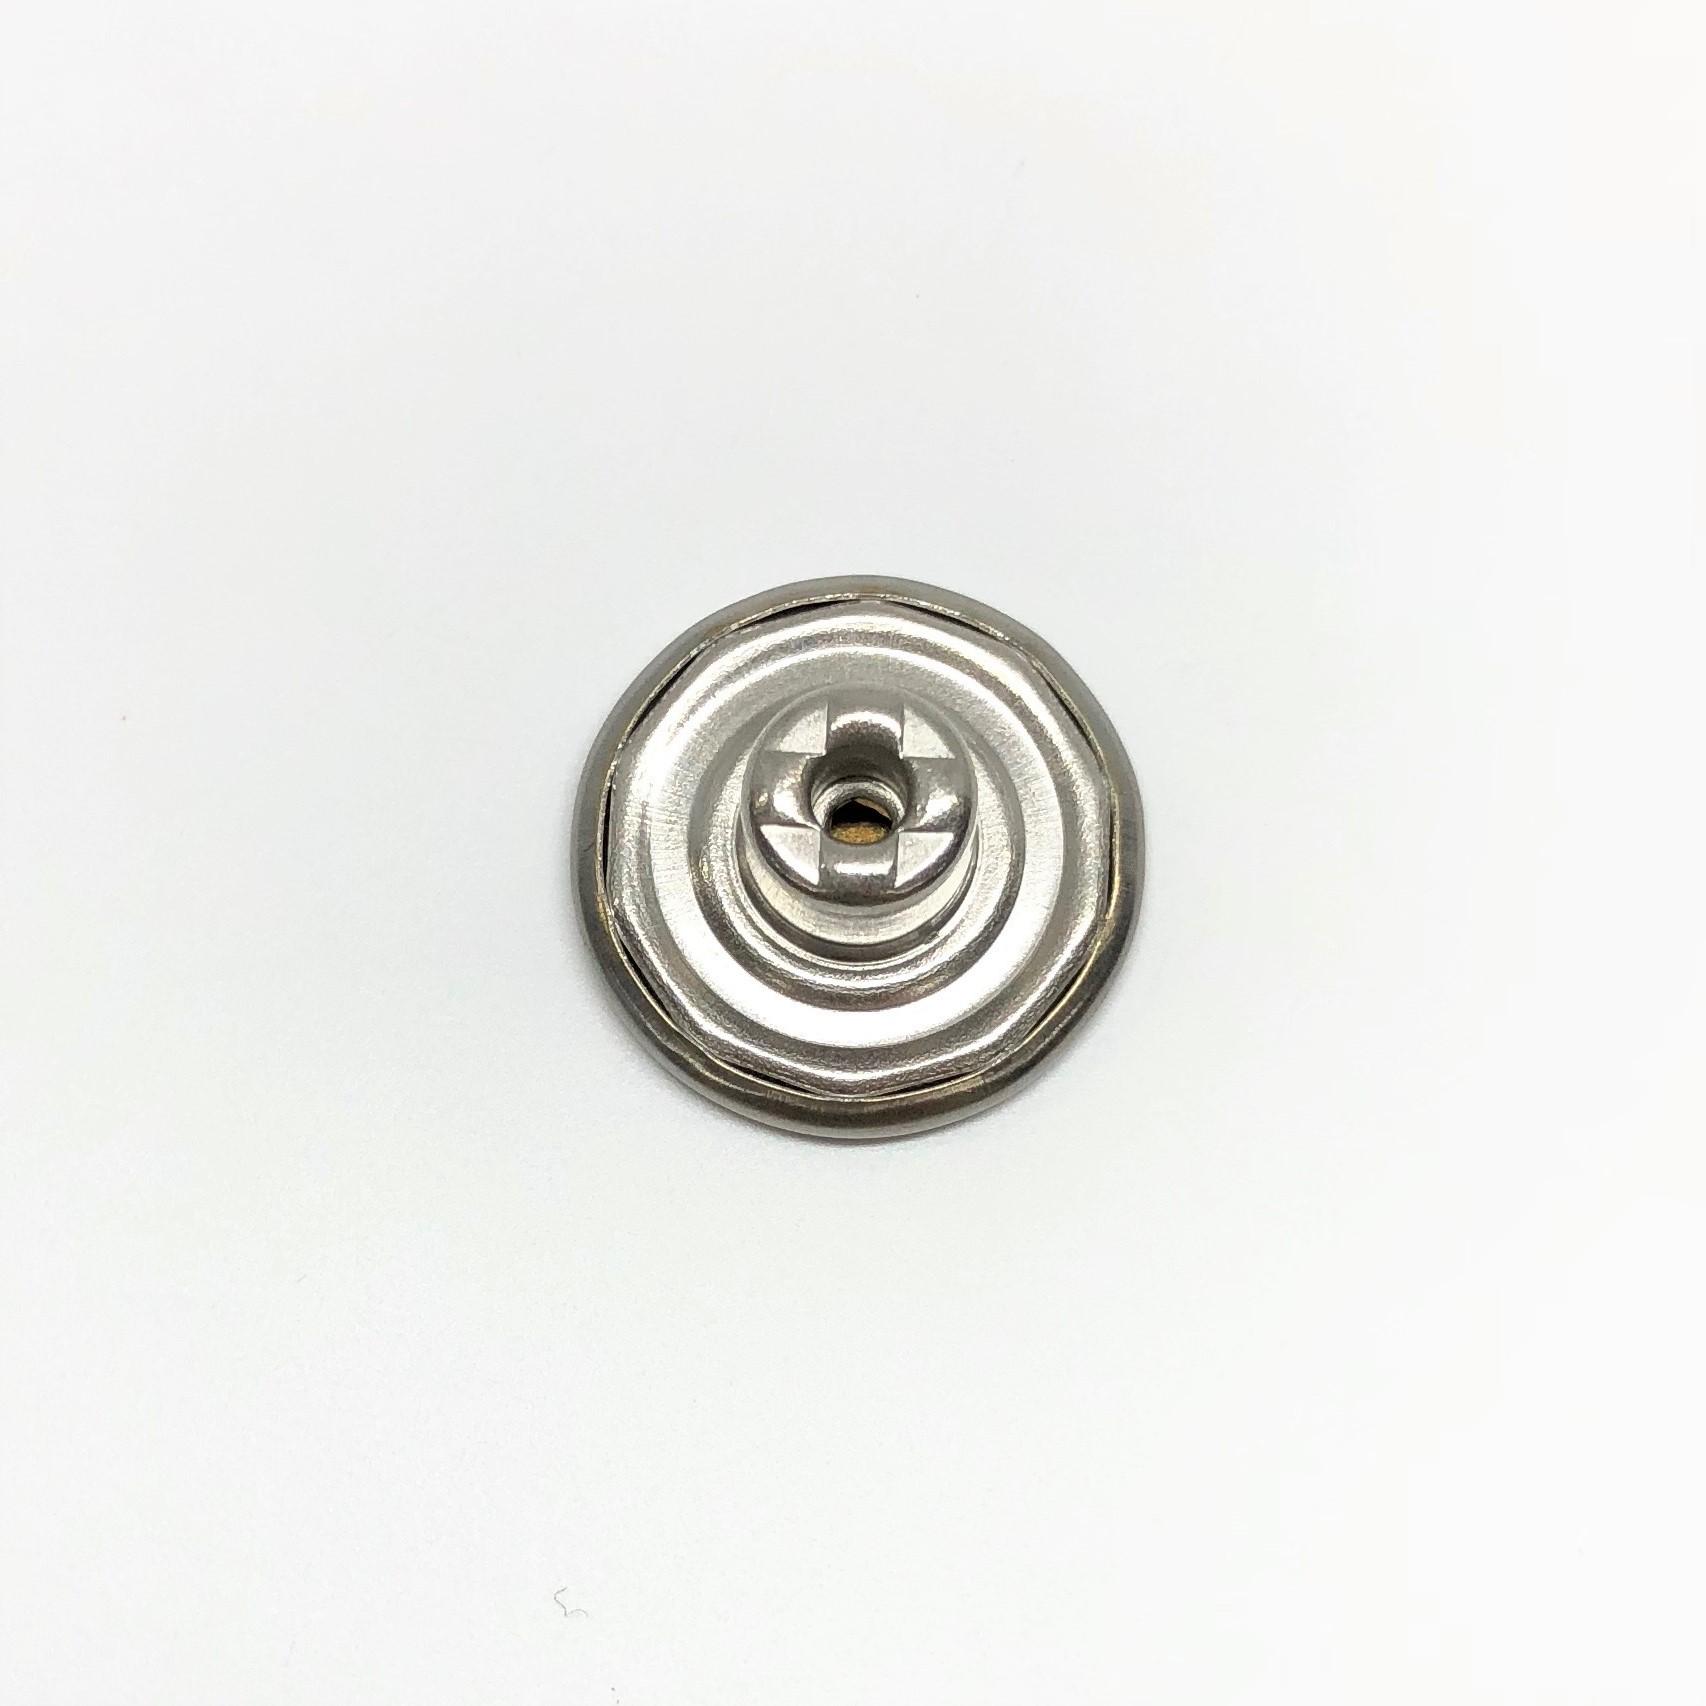 固定式刻印ジーンズネオバーボタン トップ サブ画像